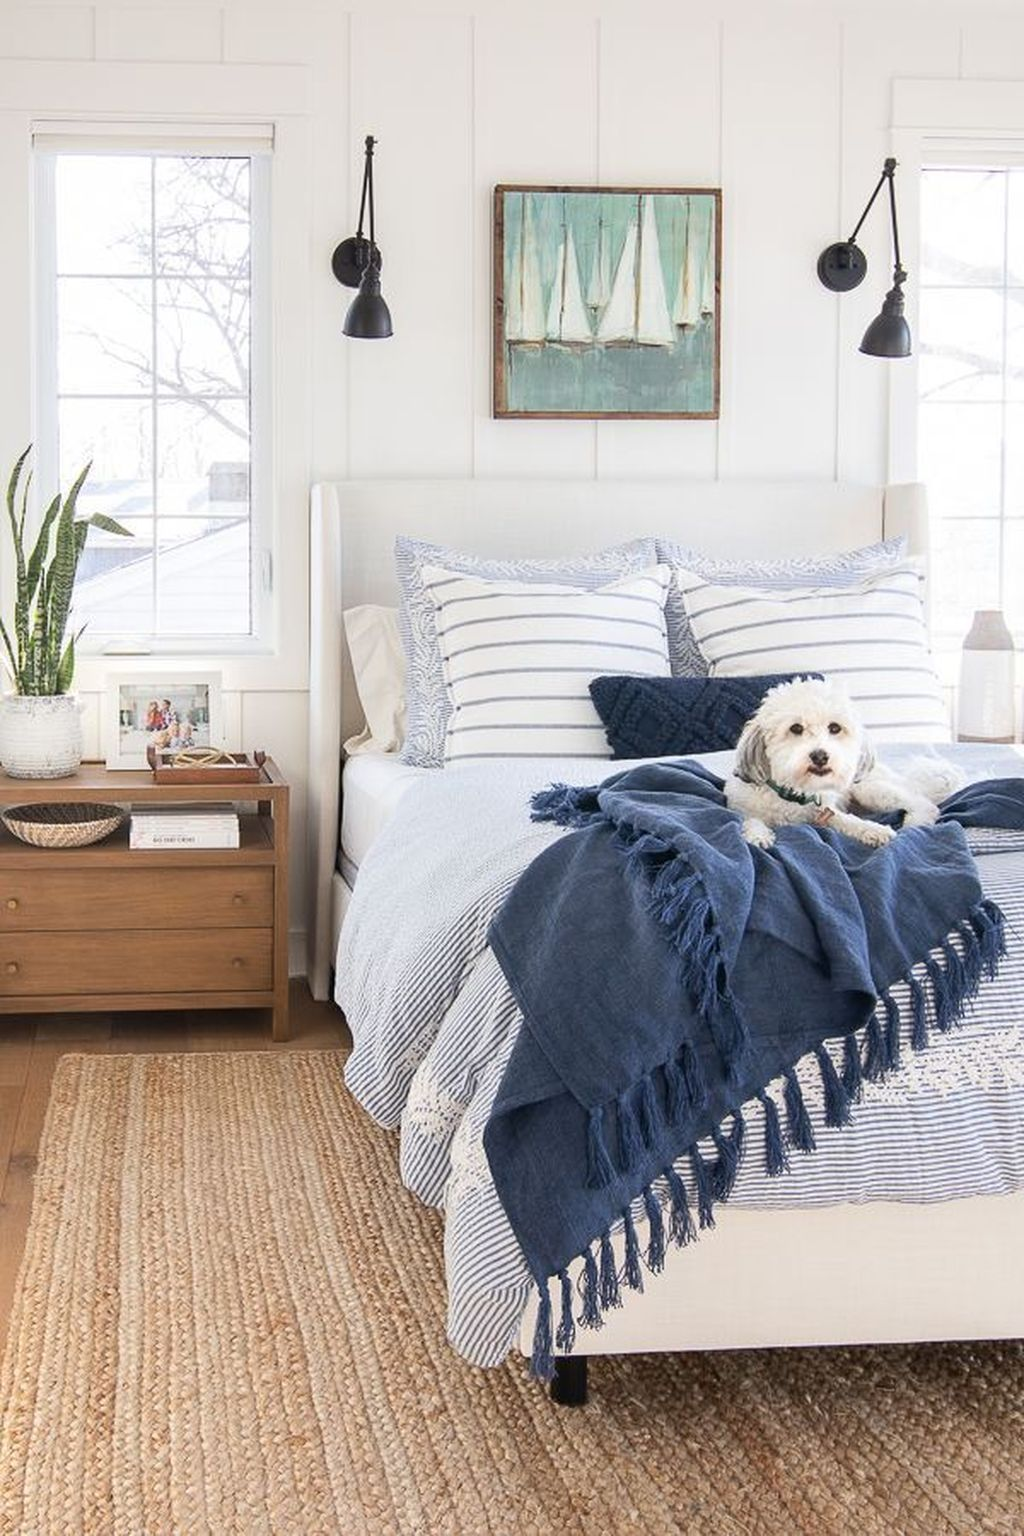 38 Wonderful Blue White Design Ideas With Farmhouse Style To ...